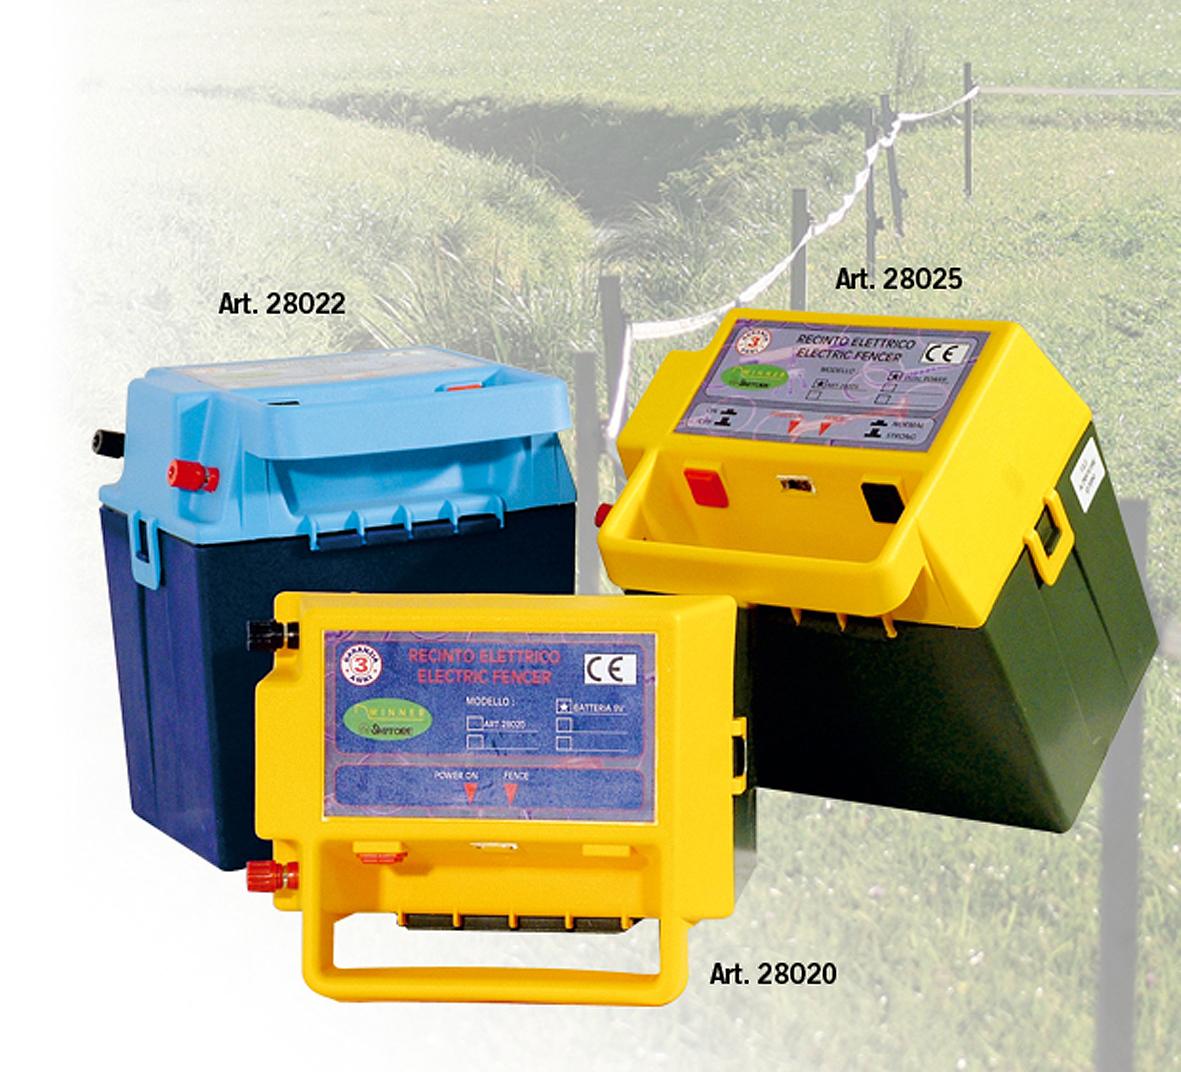 Schema Elettrico Elettrificatore Per Recinzioni : Ingrosso di materiale per recinzioni elettriche elettrificatori